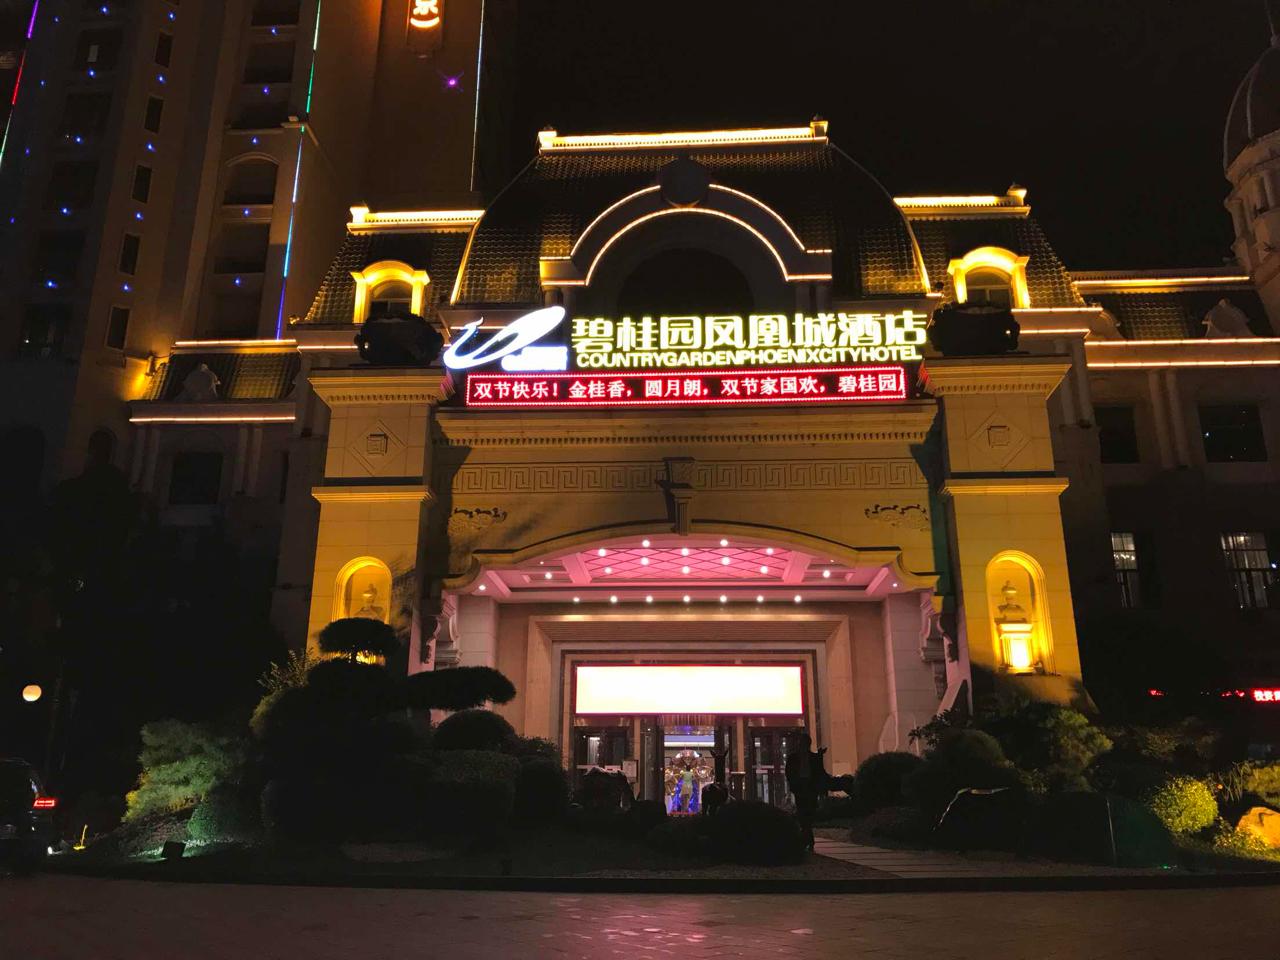 烟台凤凰城基本信息,售楼处电话,开发商,配套信息-烟台乐居